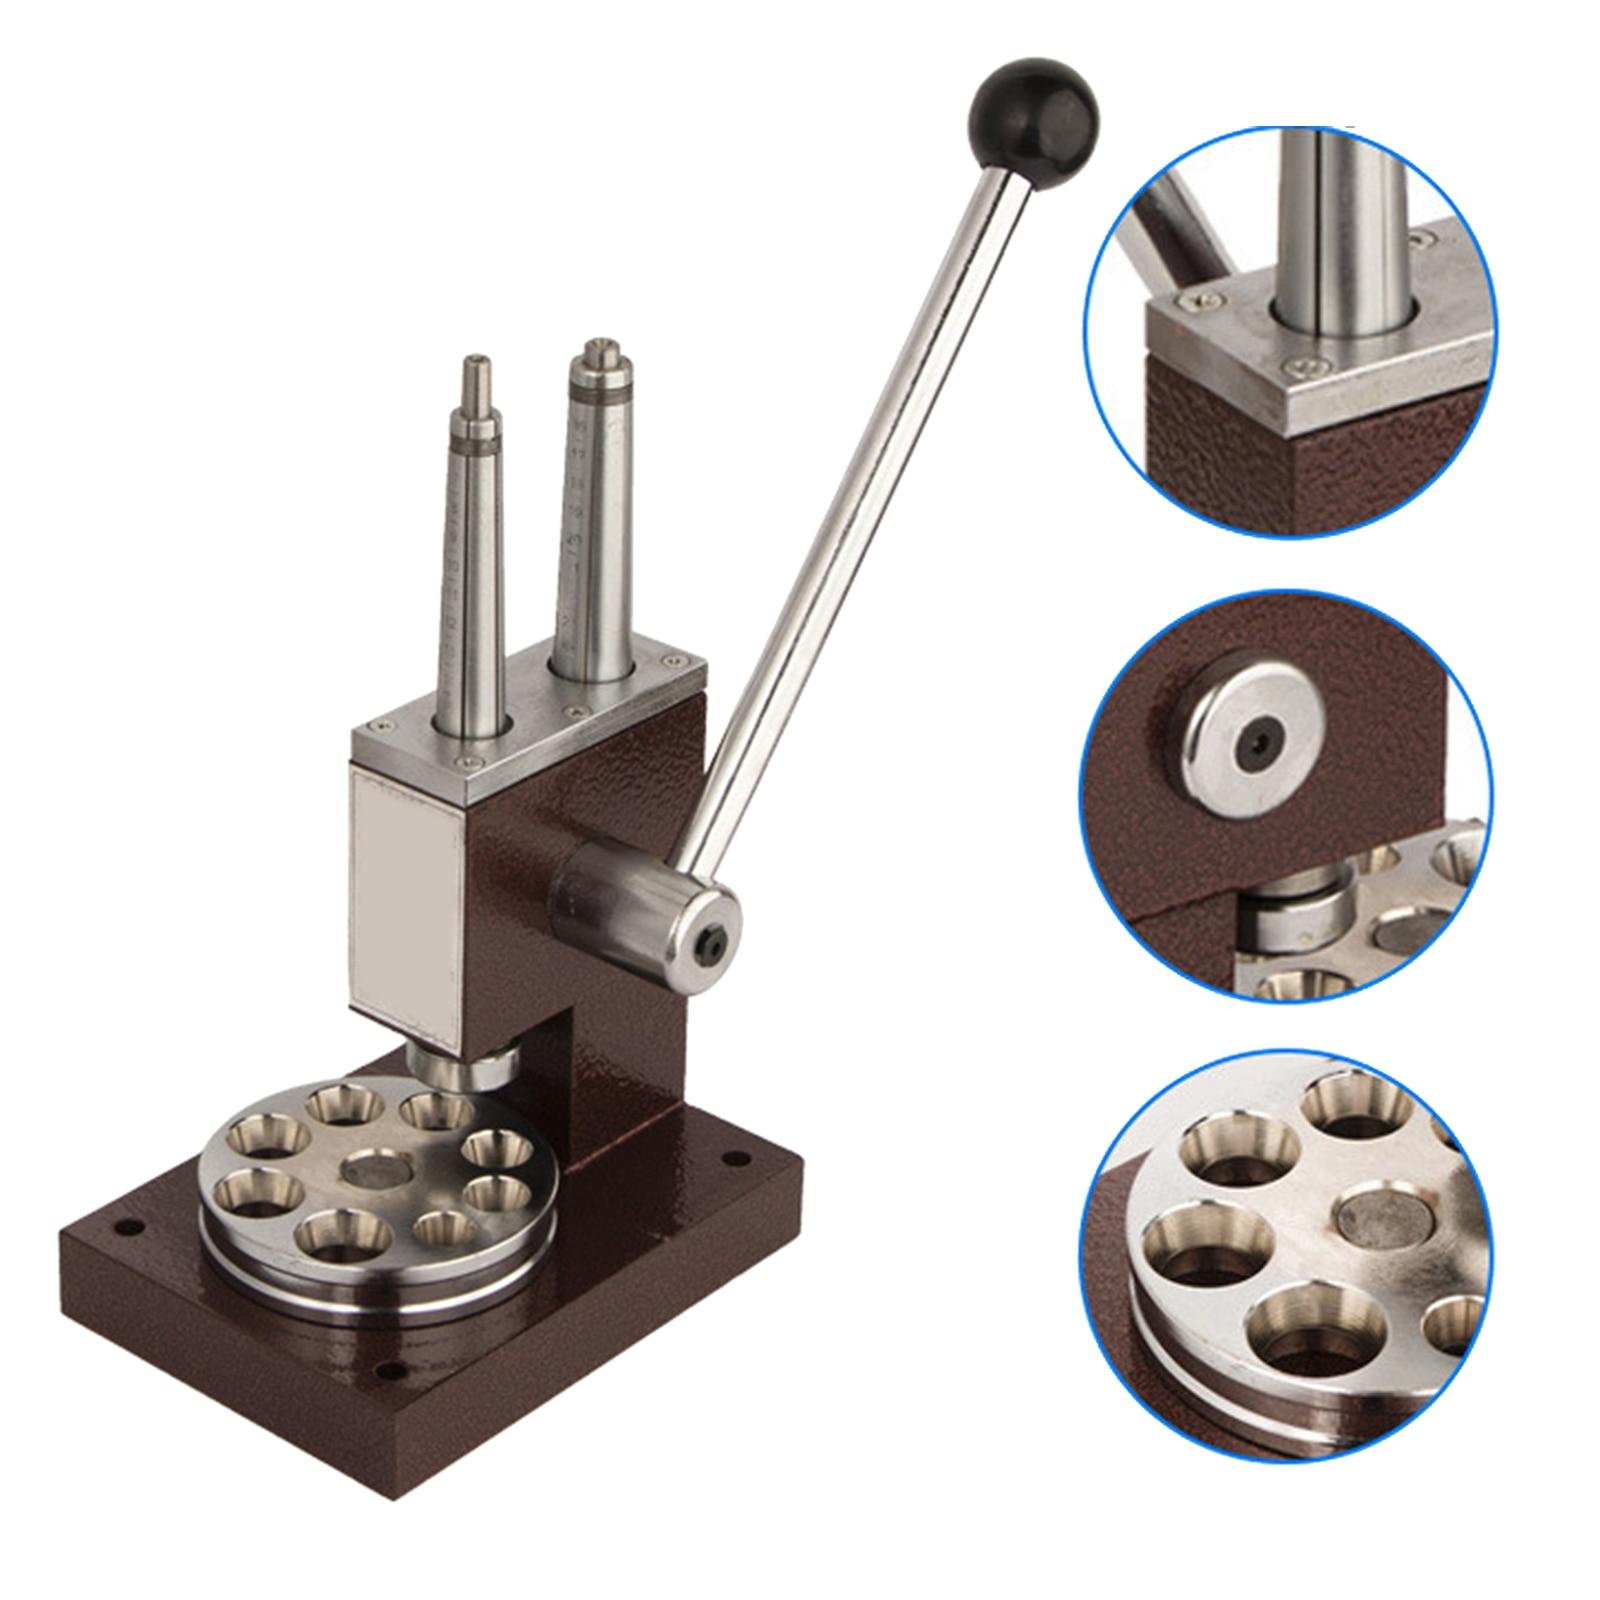 Equipamentos e ferramentas p/ joias